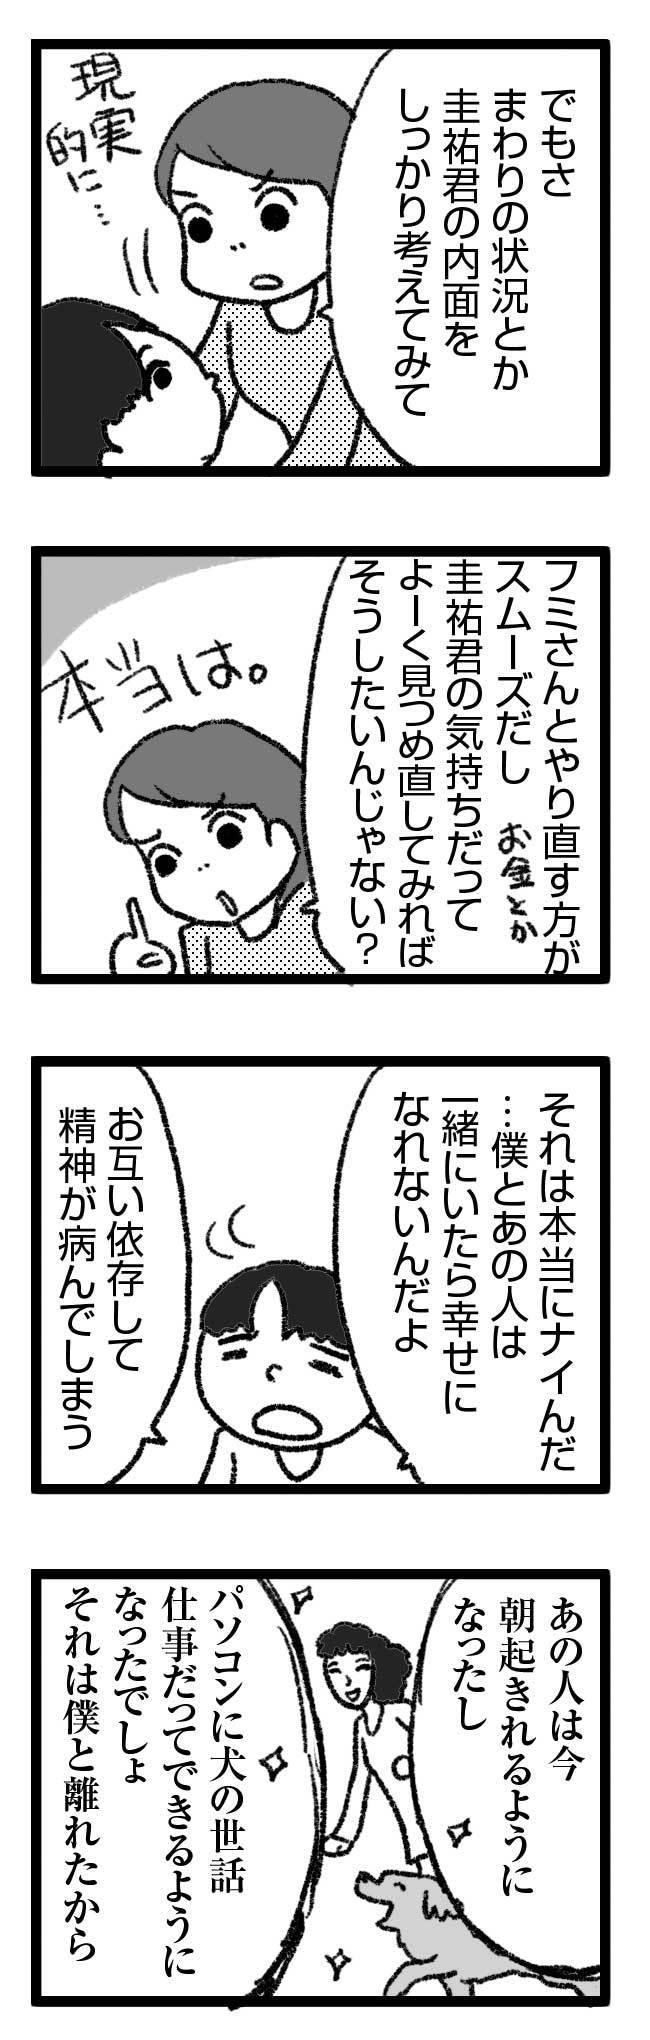 619 共依存ヌケ 1 結婚 離婚 別居 別居中 メンヘラ うつ 辛い 依存 共依存 妻 夫 実は 漫画 まんが マンガ